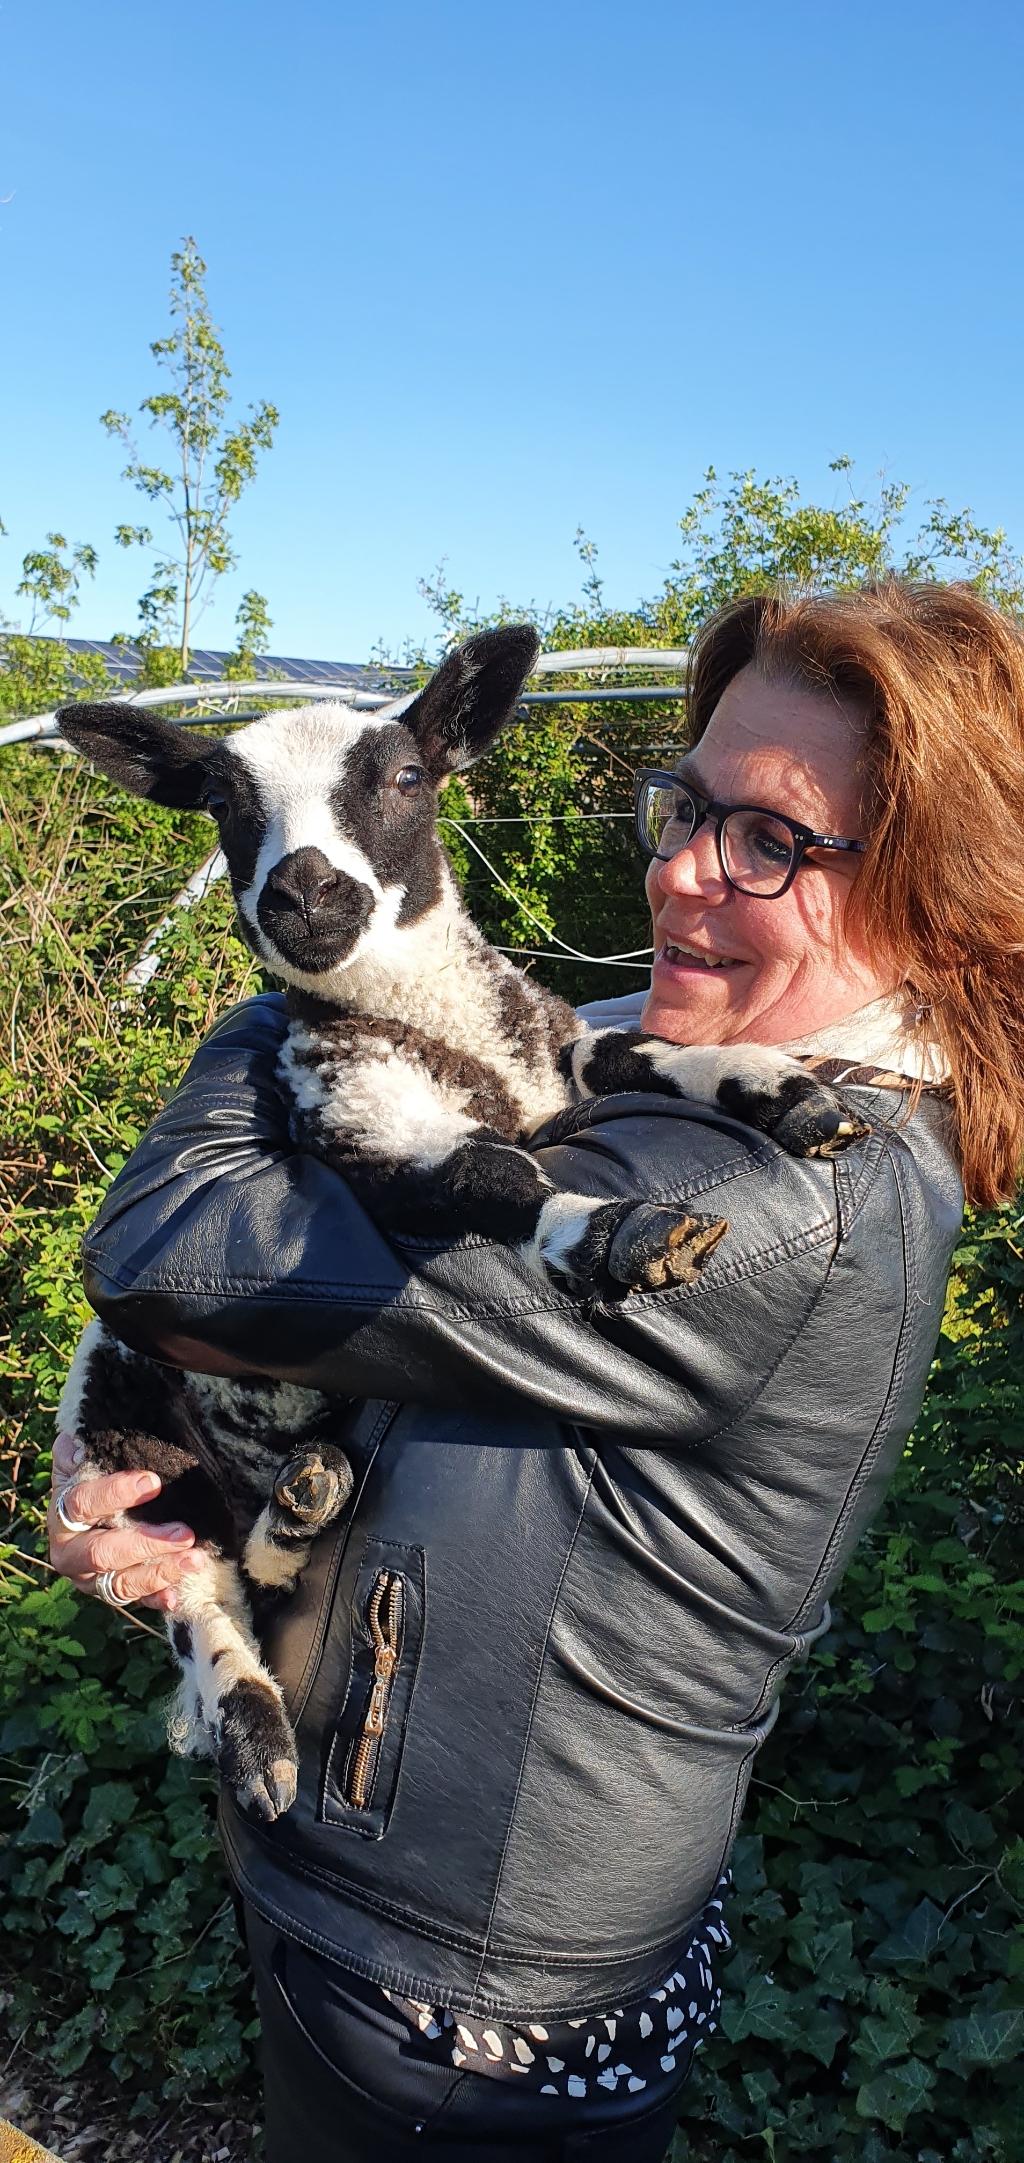 Bij ons thuis lijkt t ook een dierentuin met 2 schaapjes, pony, ezel, hond en 2 katten. Op de foto sta ik met Maria op mijn schouder. Toen nog een leplam...nu bijna een half jaar oud dus optillen lukt niet meer.  Annette Hoogerwaard © BDU media